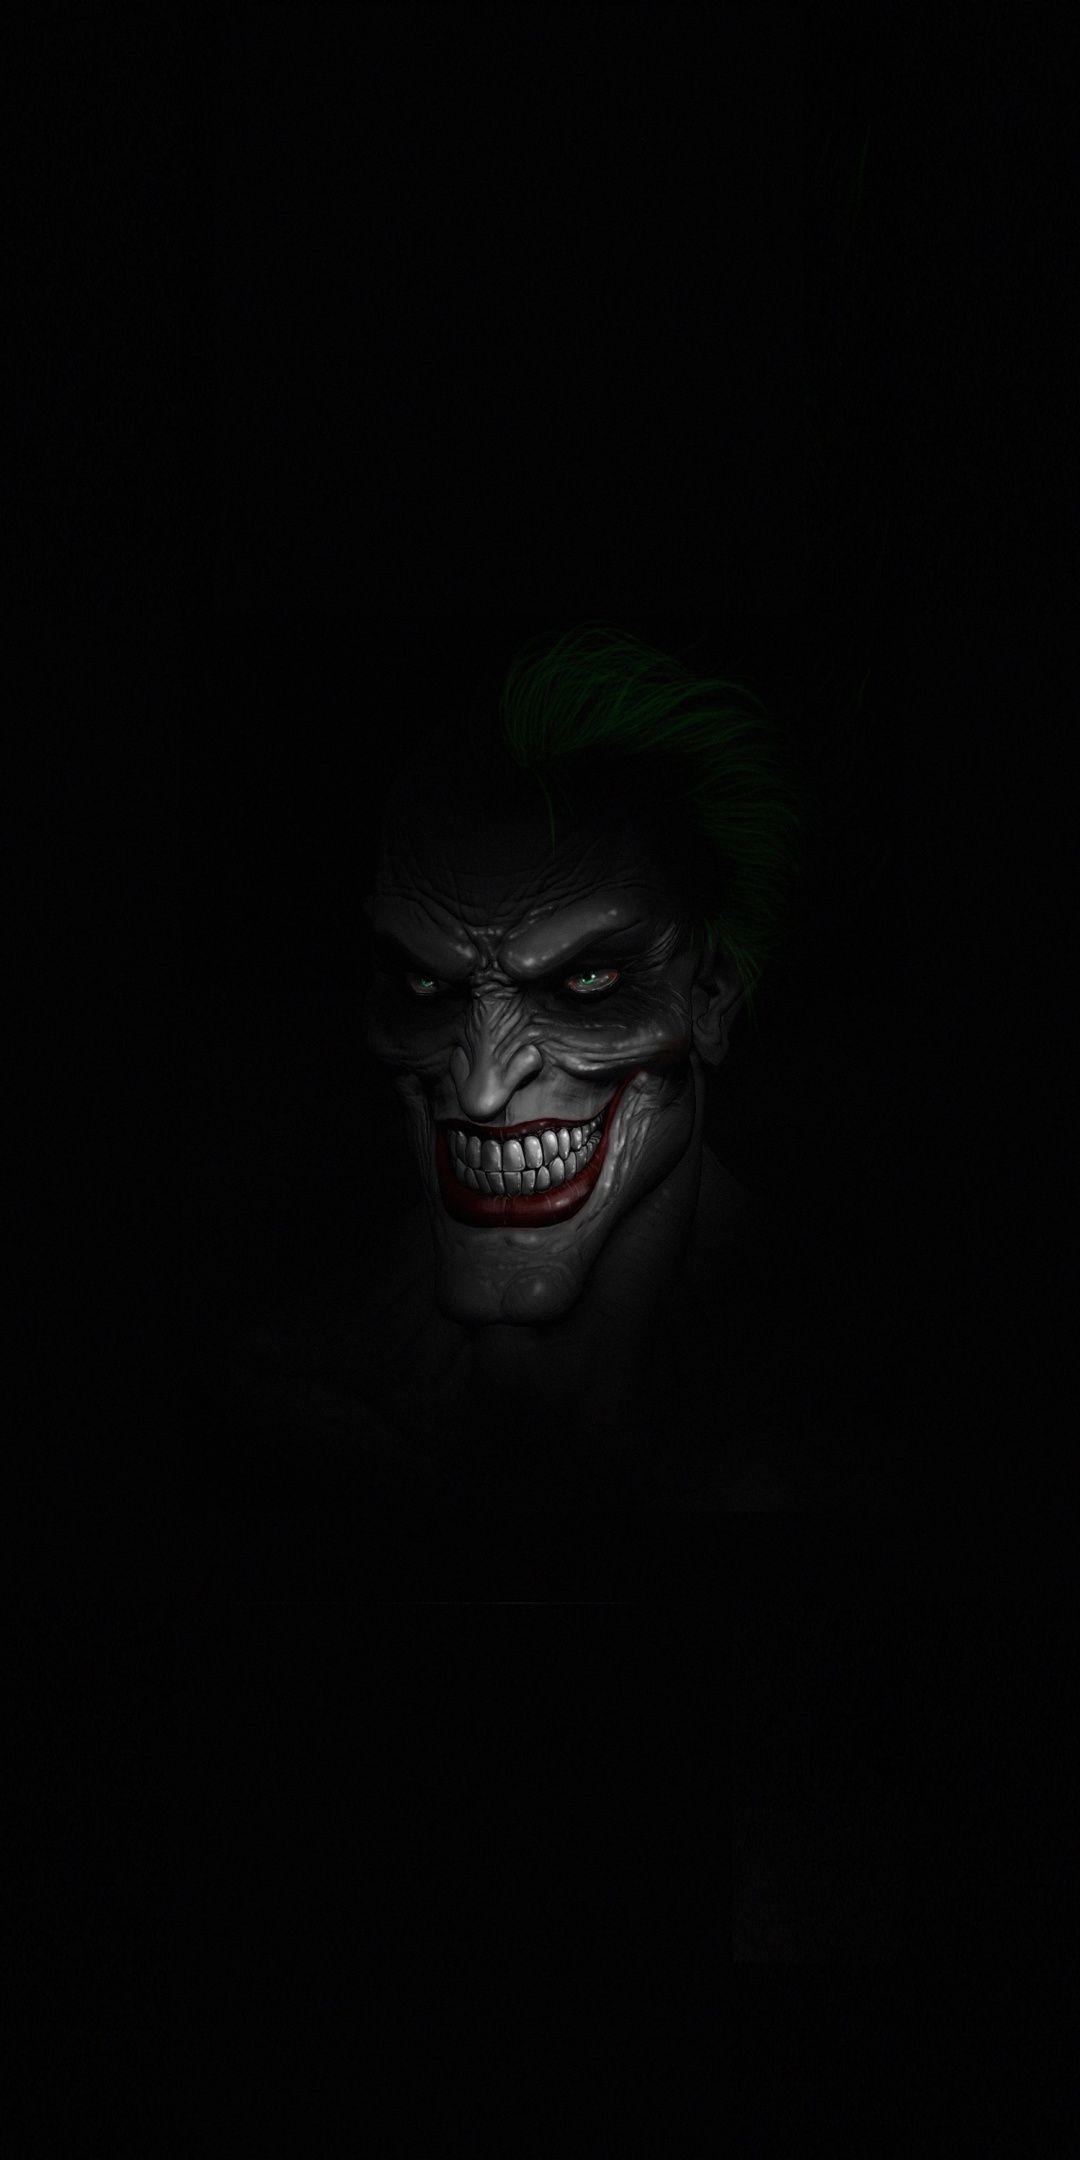 Joker's face, dark, minimal, 1080x2160 wallpaper